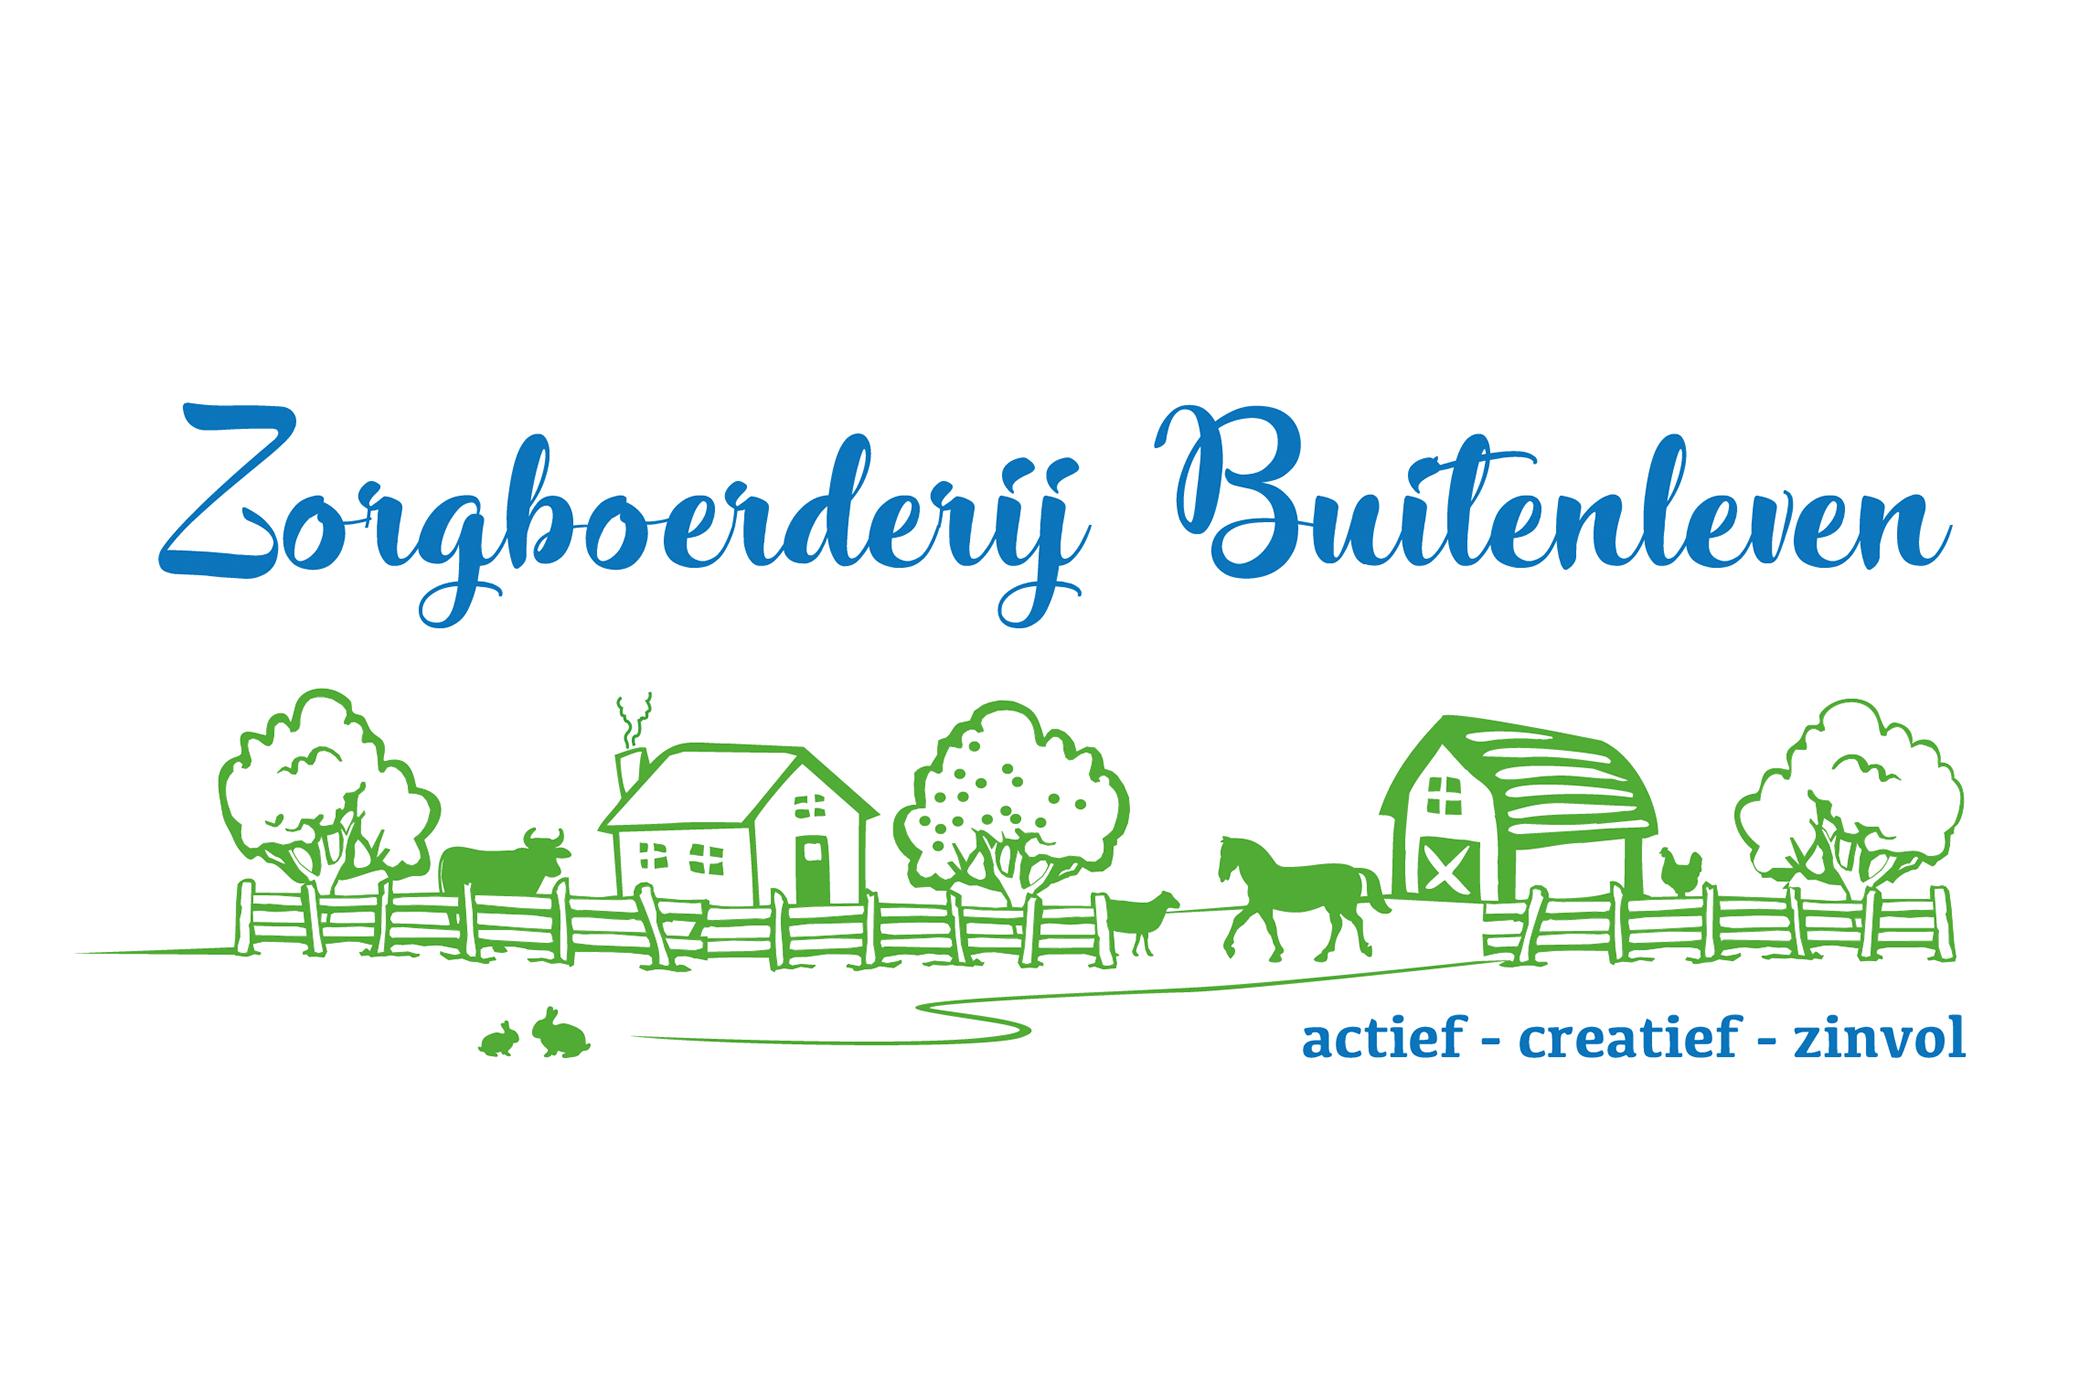 Logo_Zorgboerderij Buitenleven_met M erbij